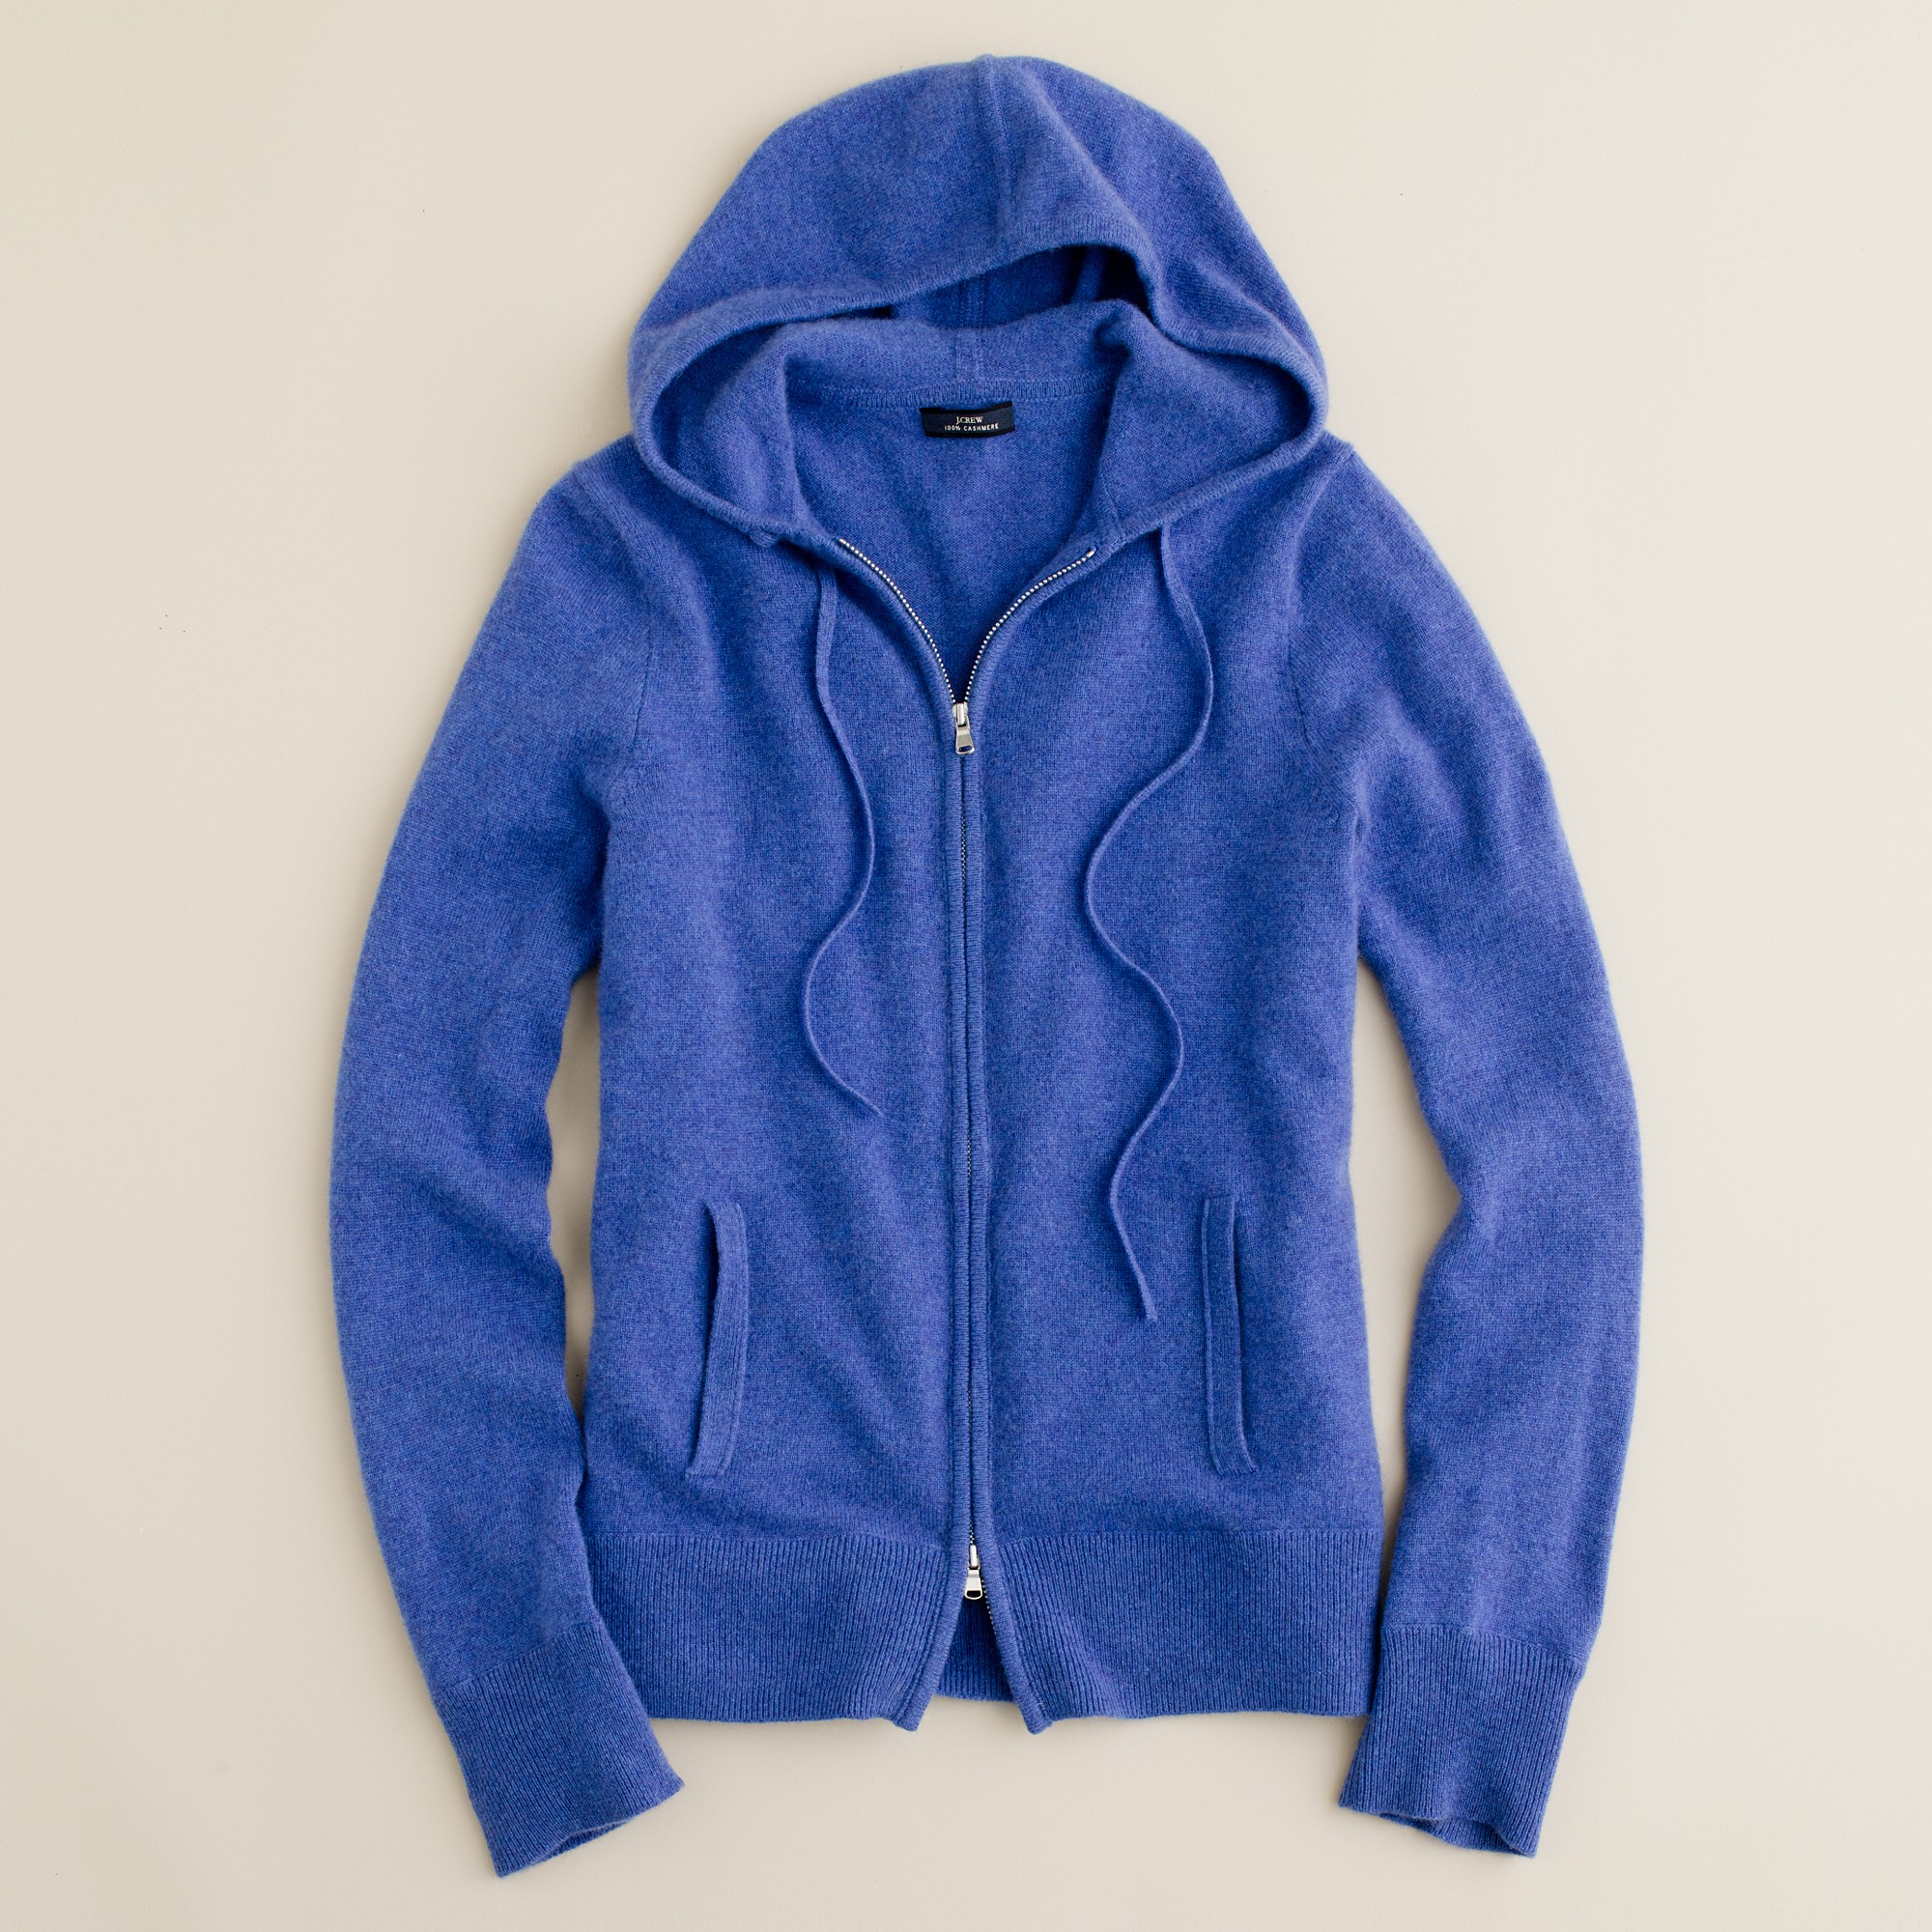 J.crew Cashmere Zip-front Hoodie in Blue